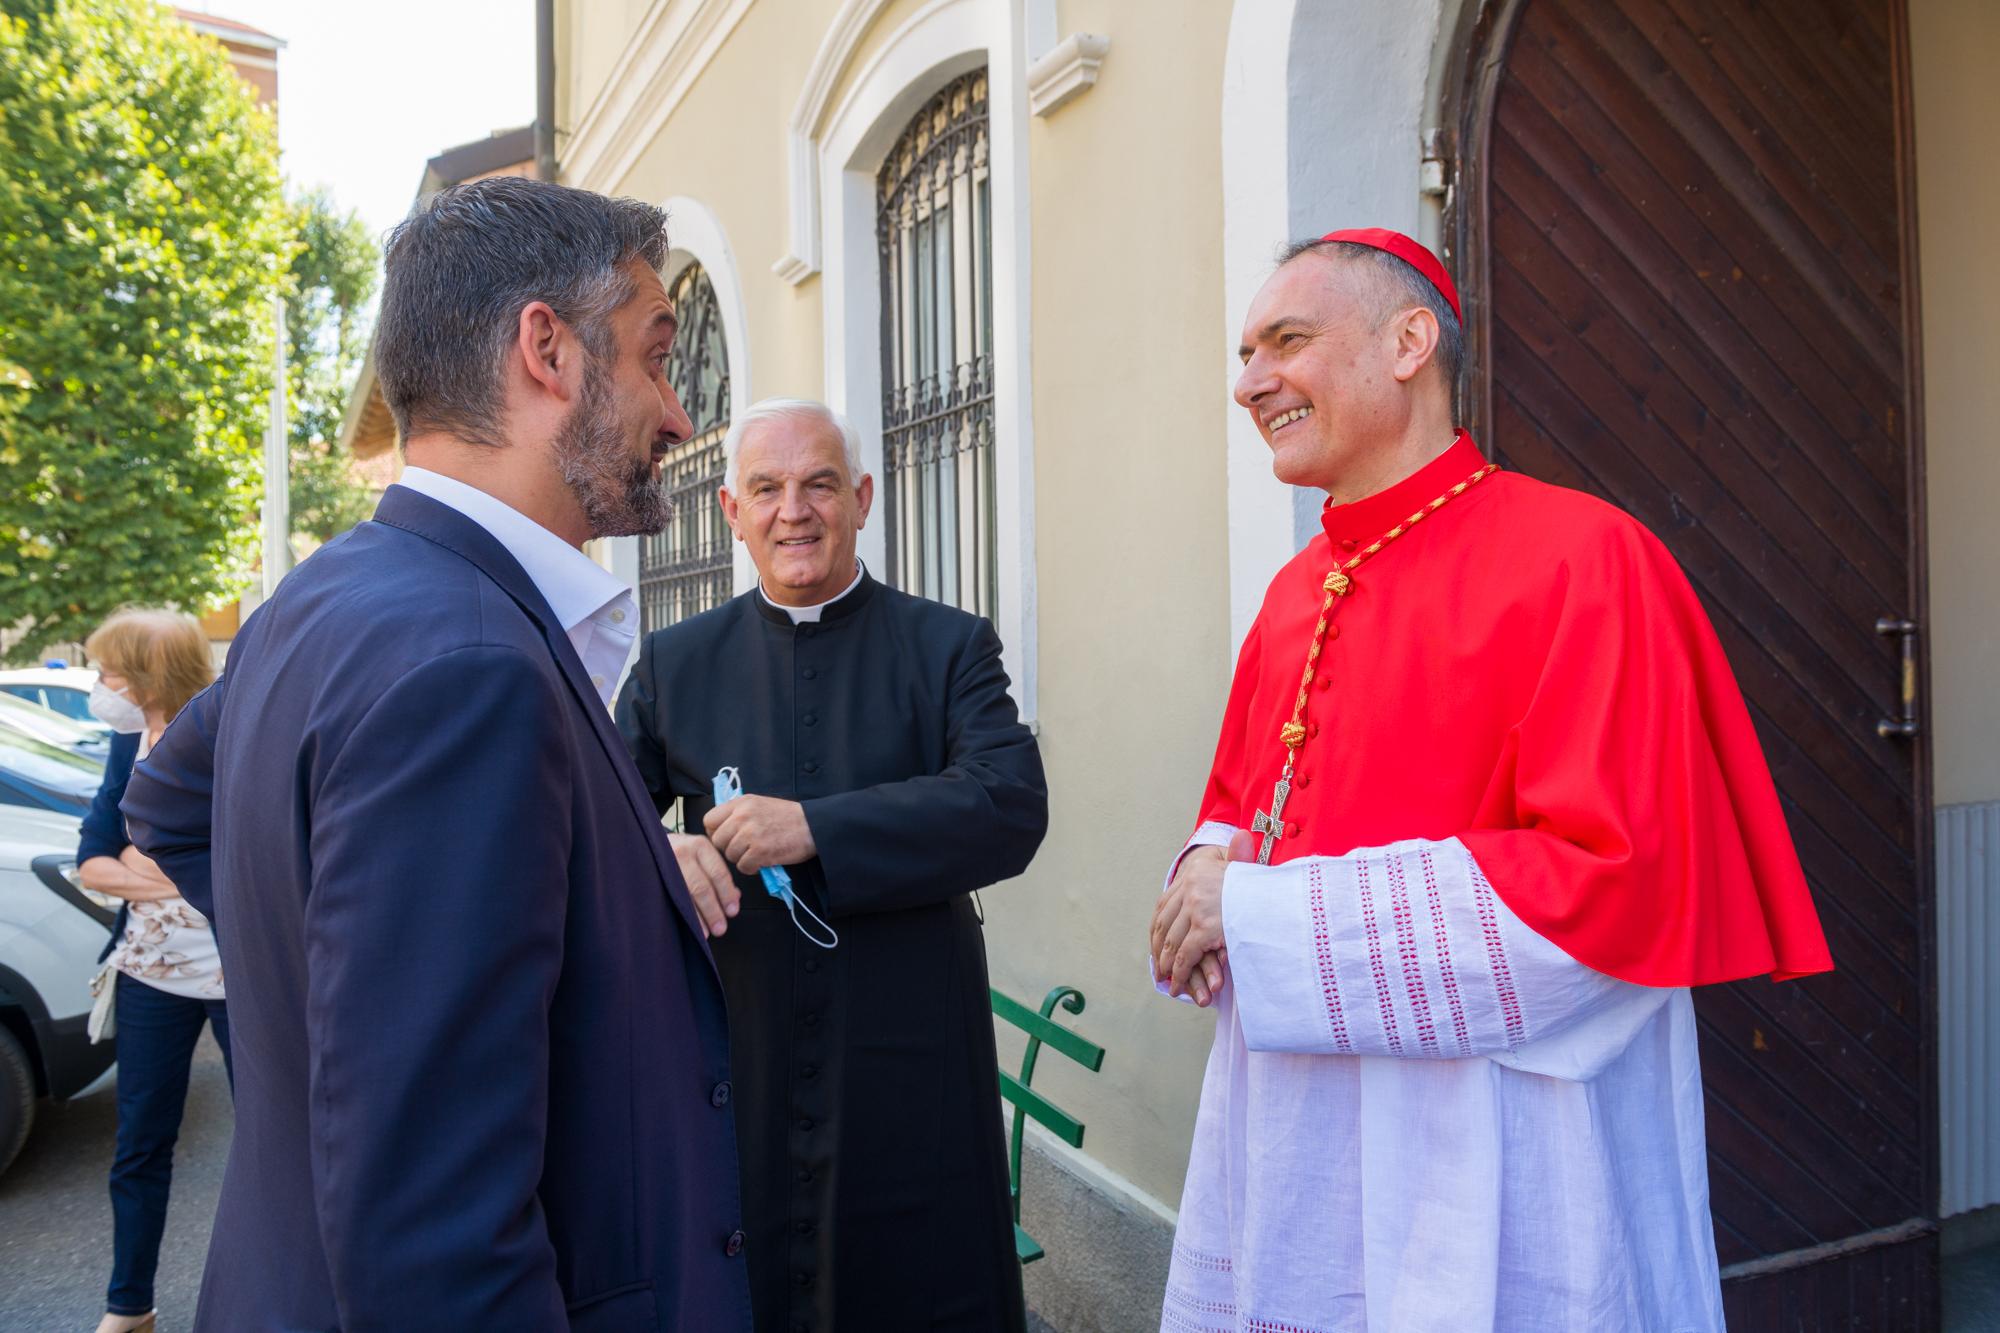 29-agosto-2021-pontificale-10.30-MdG-–-FOTO_mdg_-295